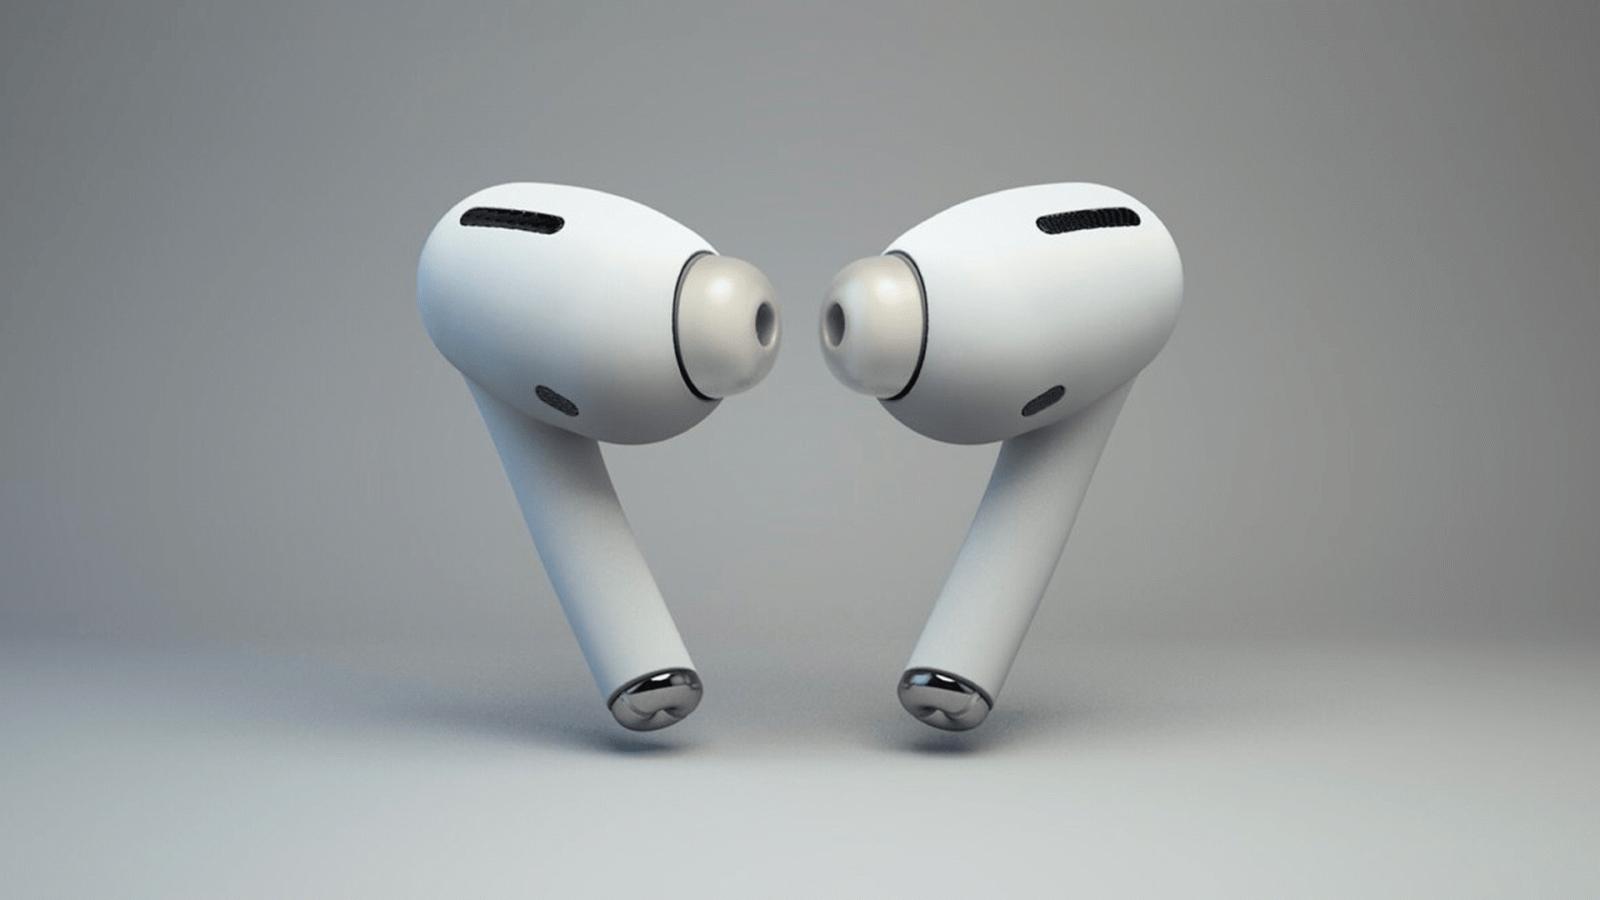 Обзор AirPods Pro_лучшие полностью беспроводные наушники от Apple - наушники с силиконовым наконечником